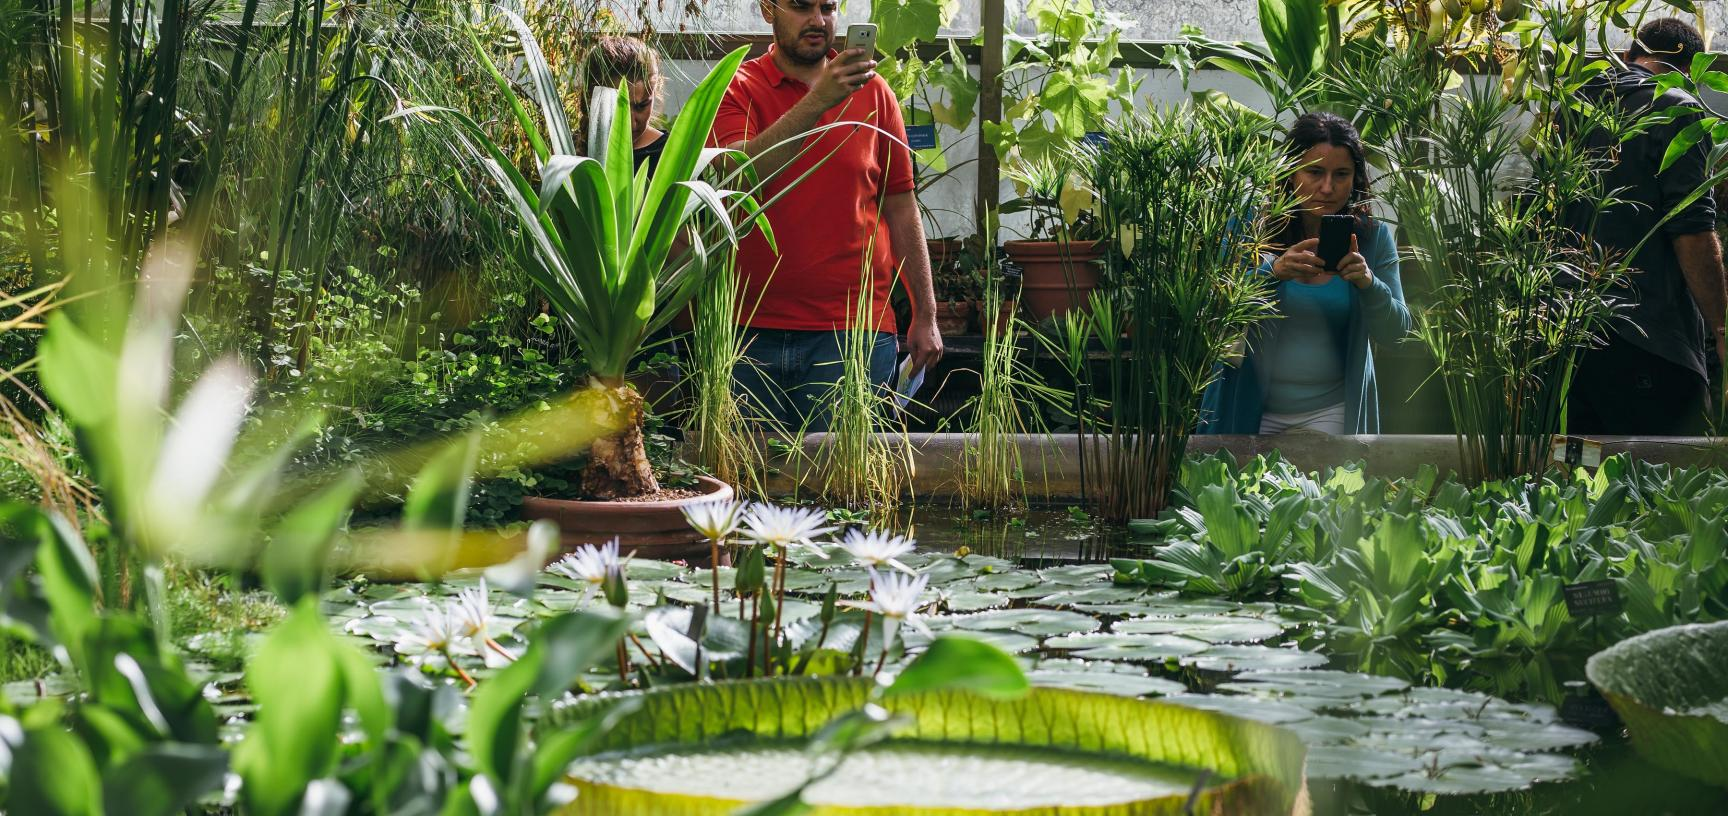 botanicgardensbyianwallman 5640